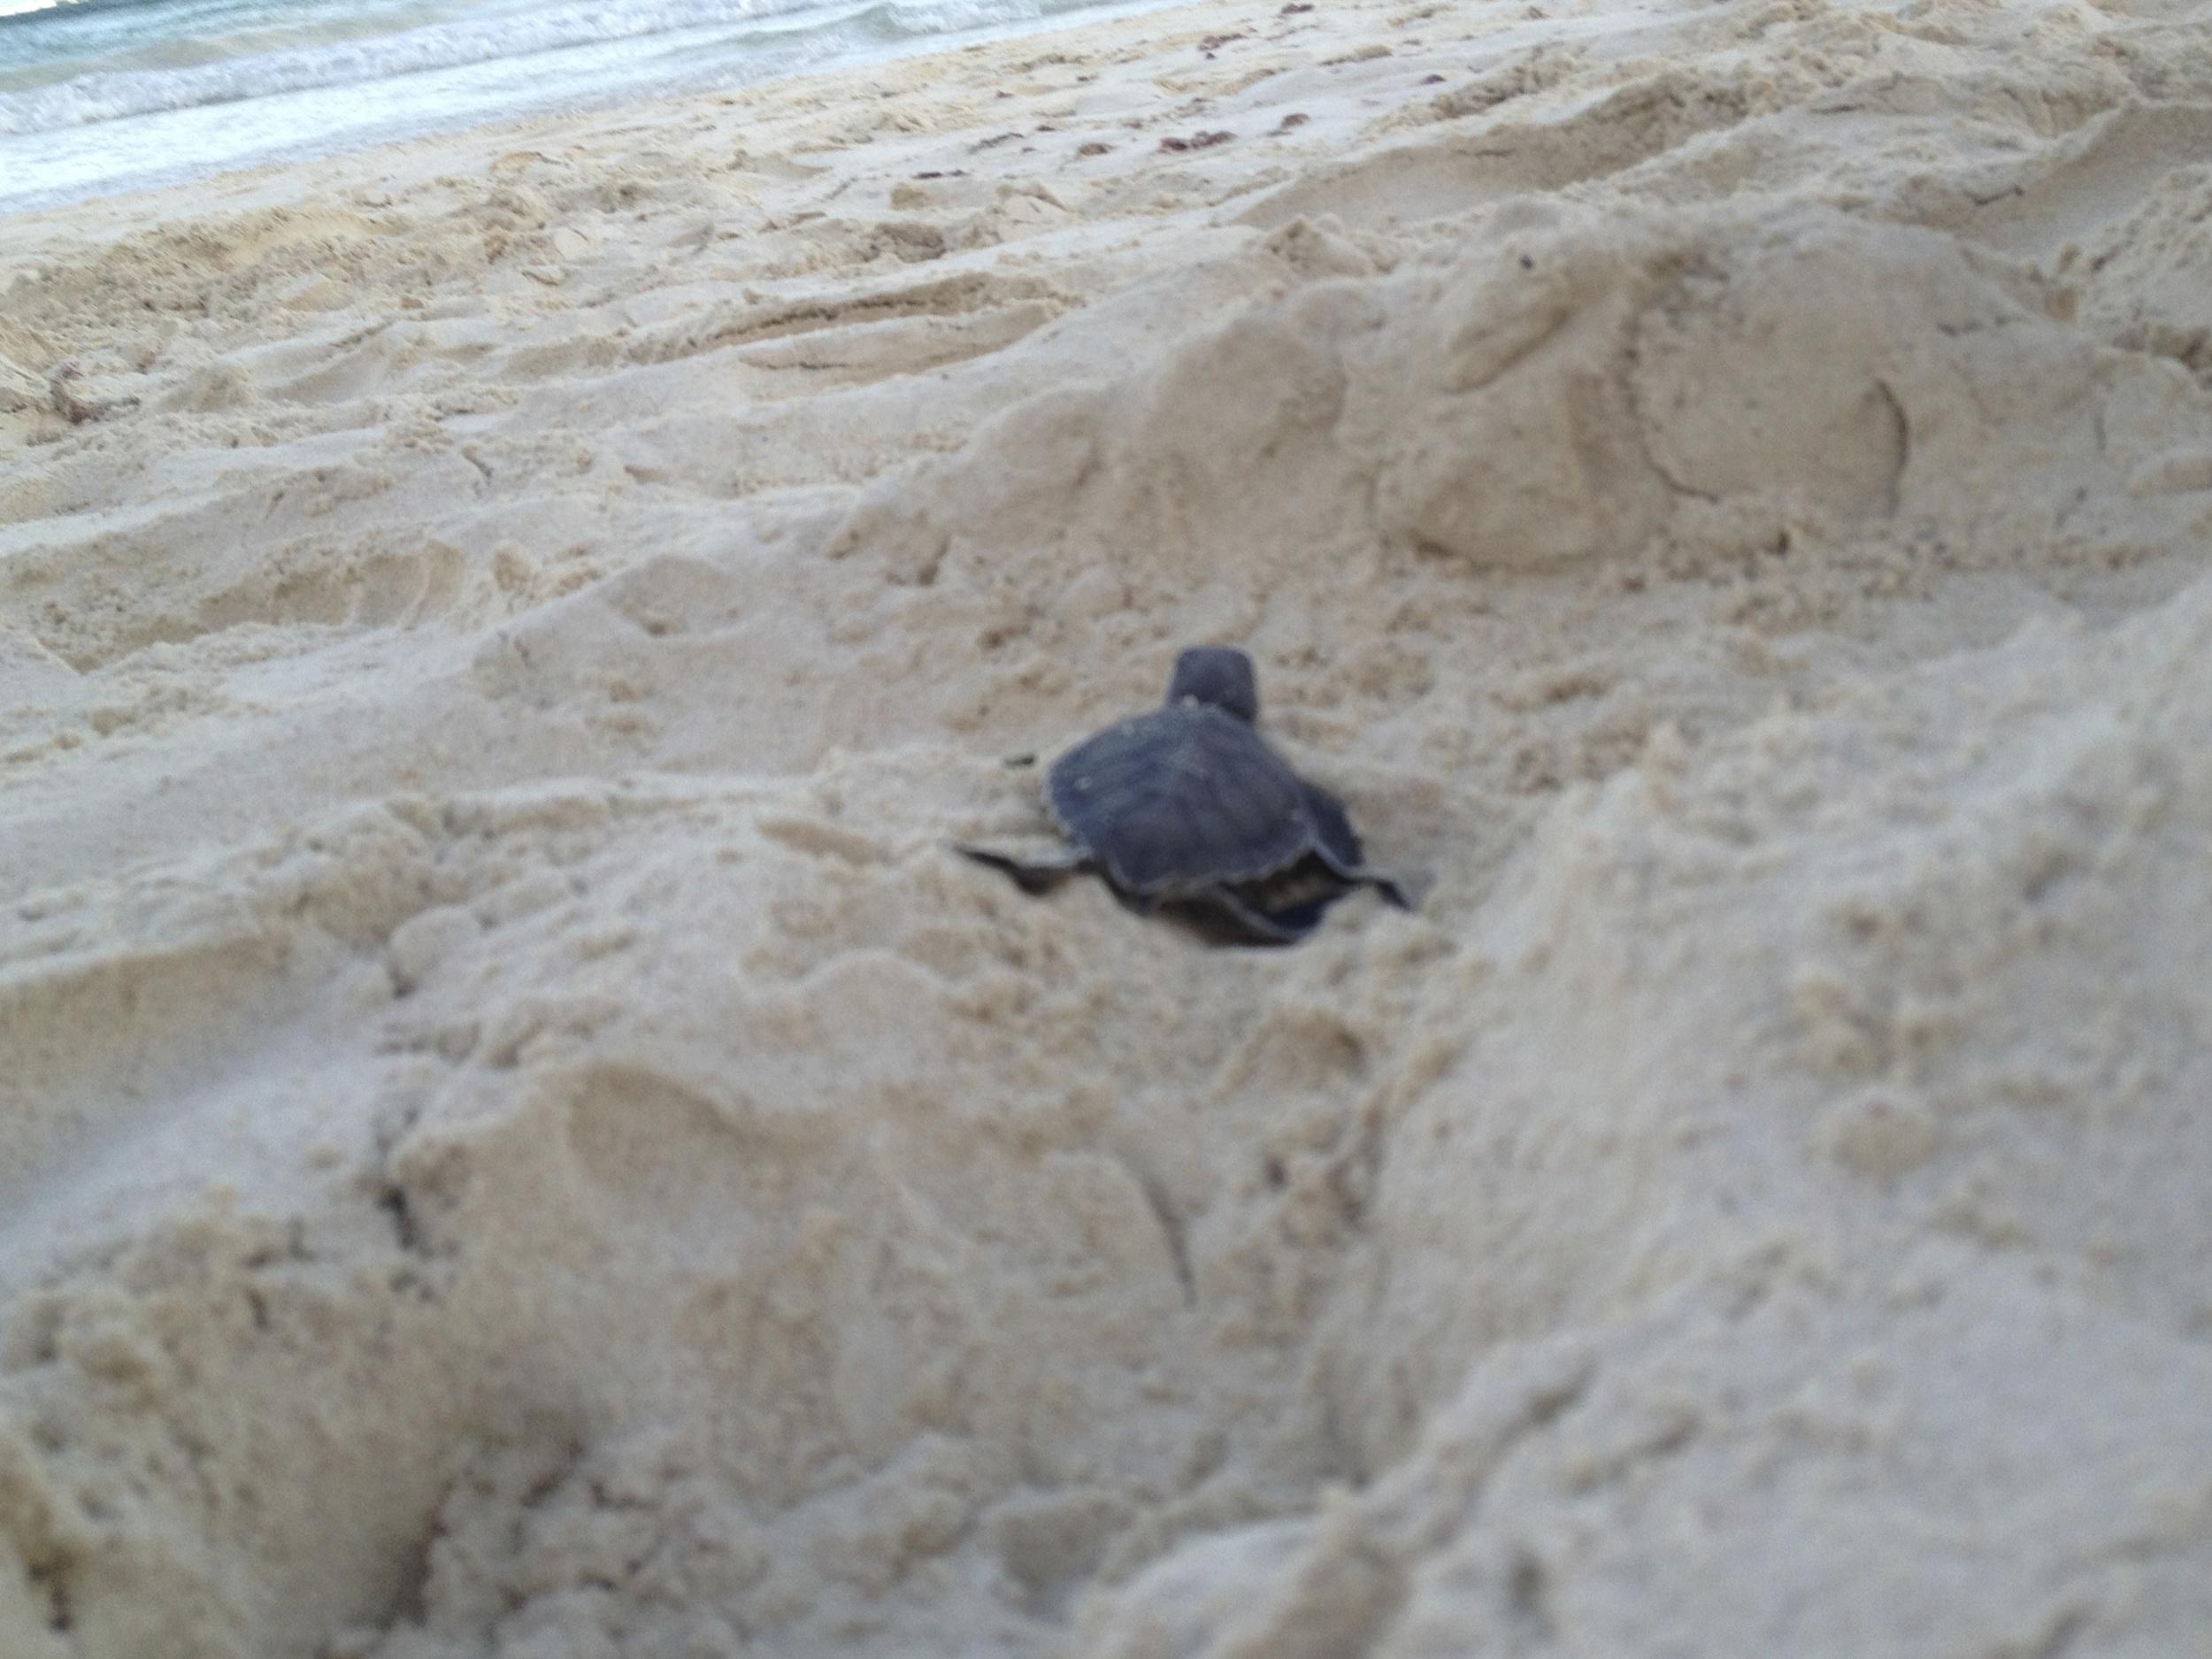 Sanara Tulum - Turtles